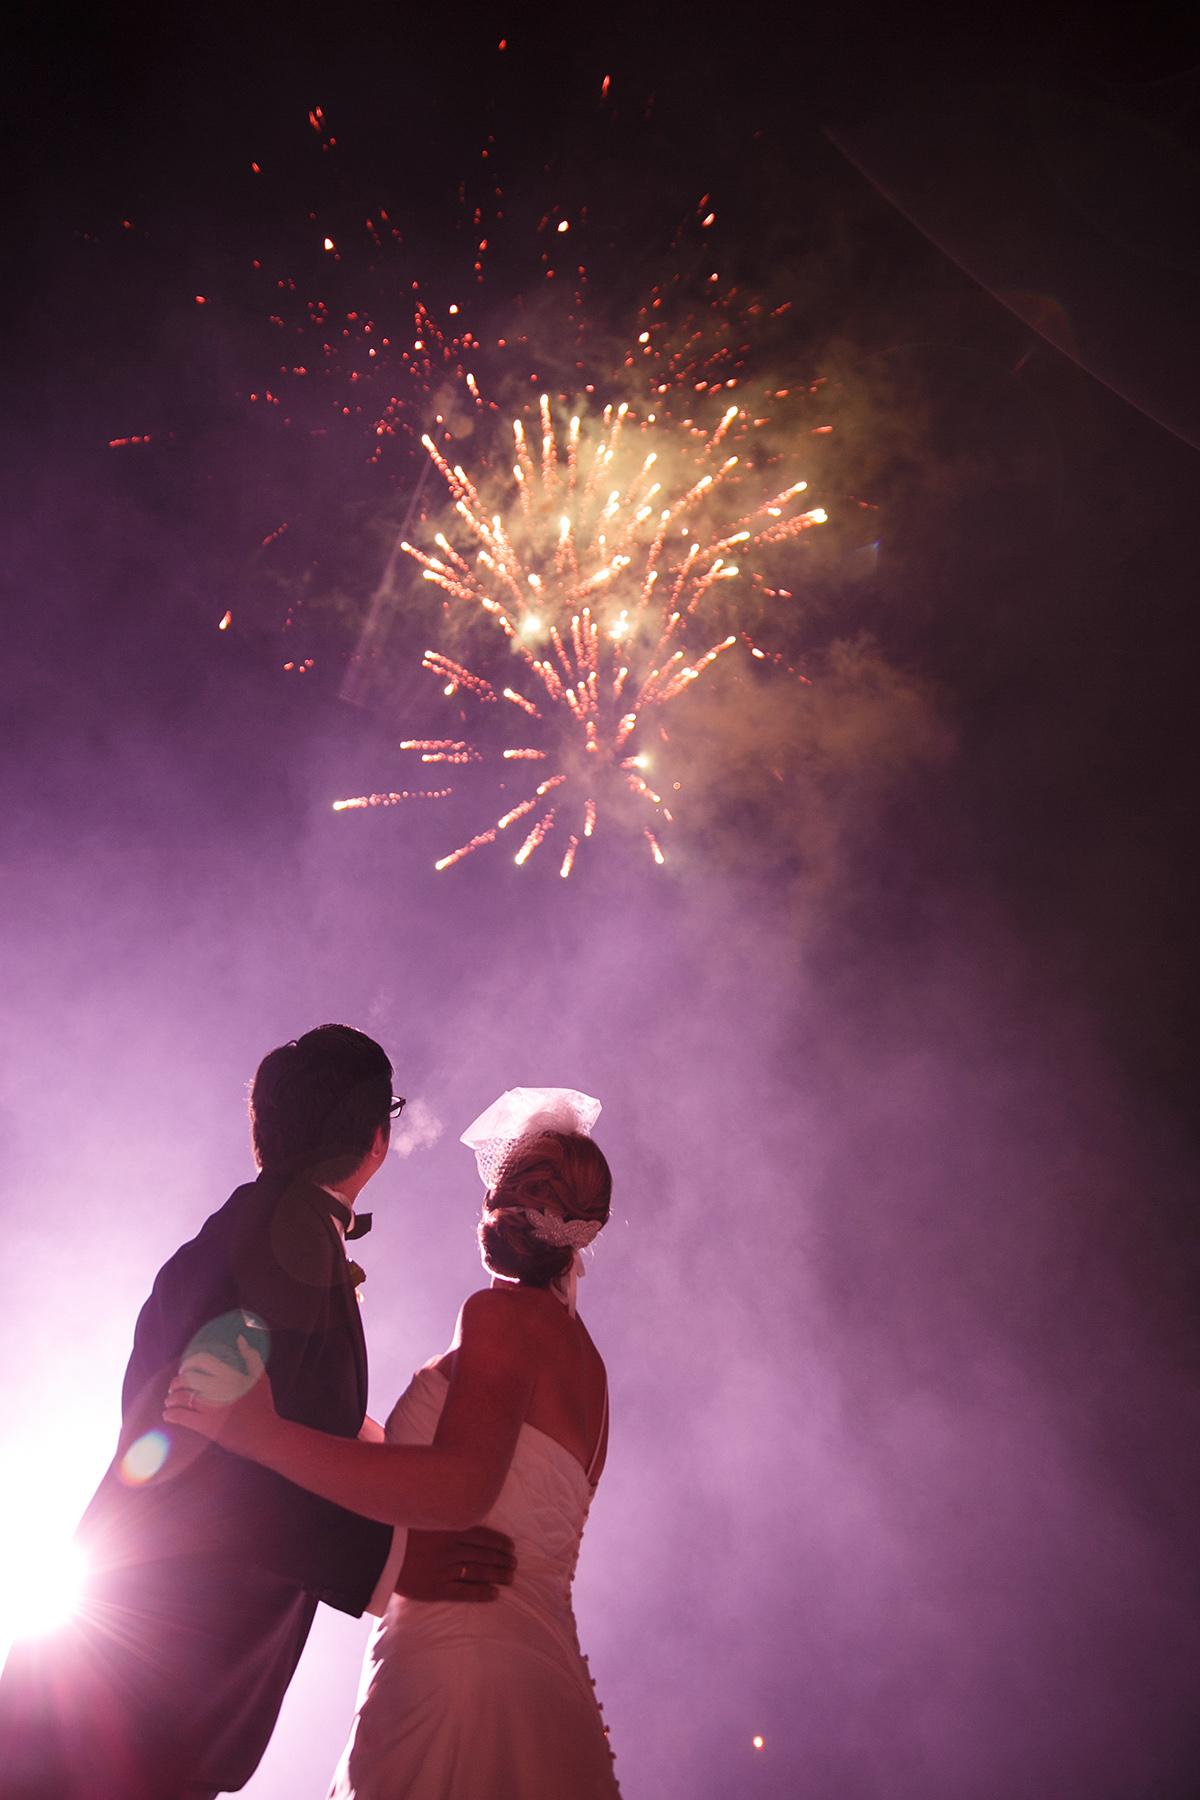 Hochzeitsfoto von Feuerwerk bei Schlosshochzeit auf Schloss Herzfelde Uckermark © Hochzeitsfotograf Berlin www.hochzeitslicht.de